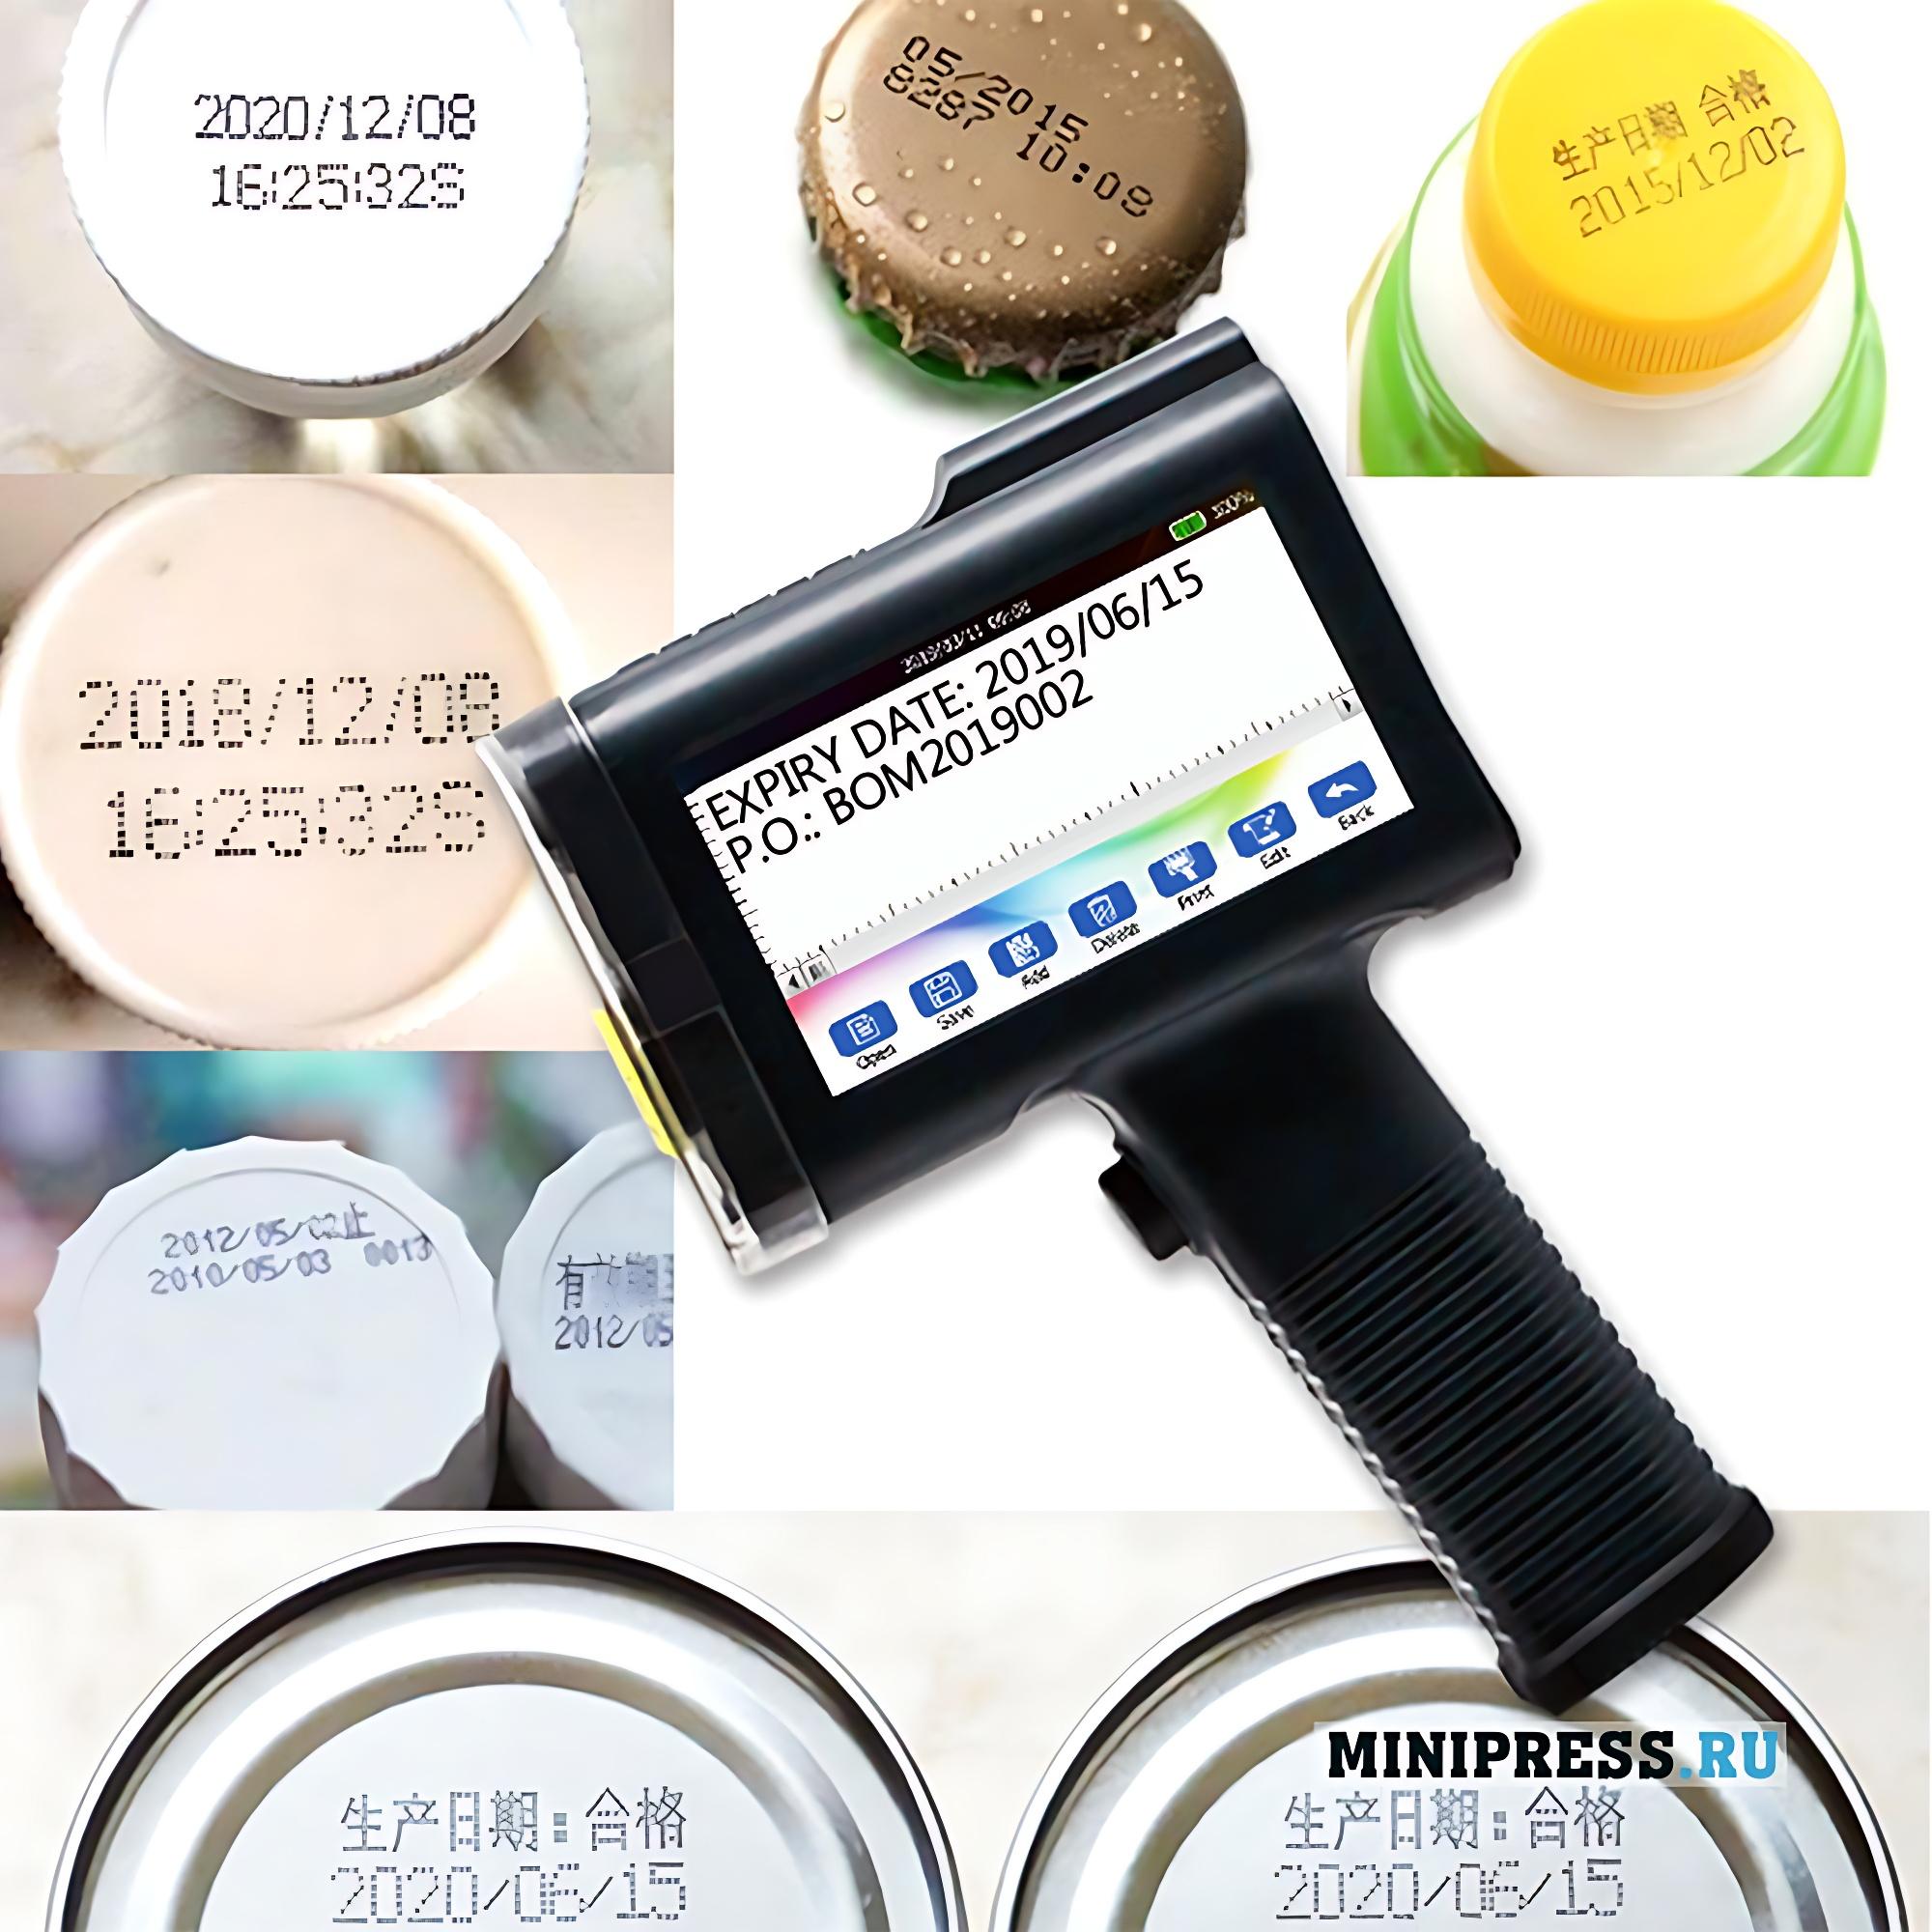 Универсальное автоматическое ручное приспособление для печати на любых поверхностях срока годности и даты изготовления